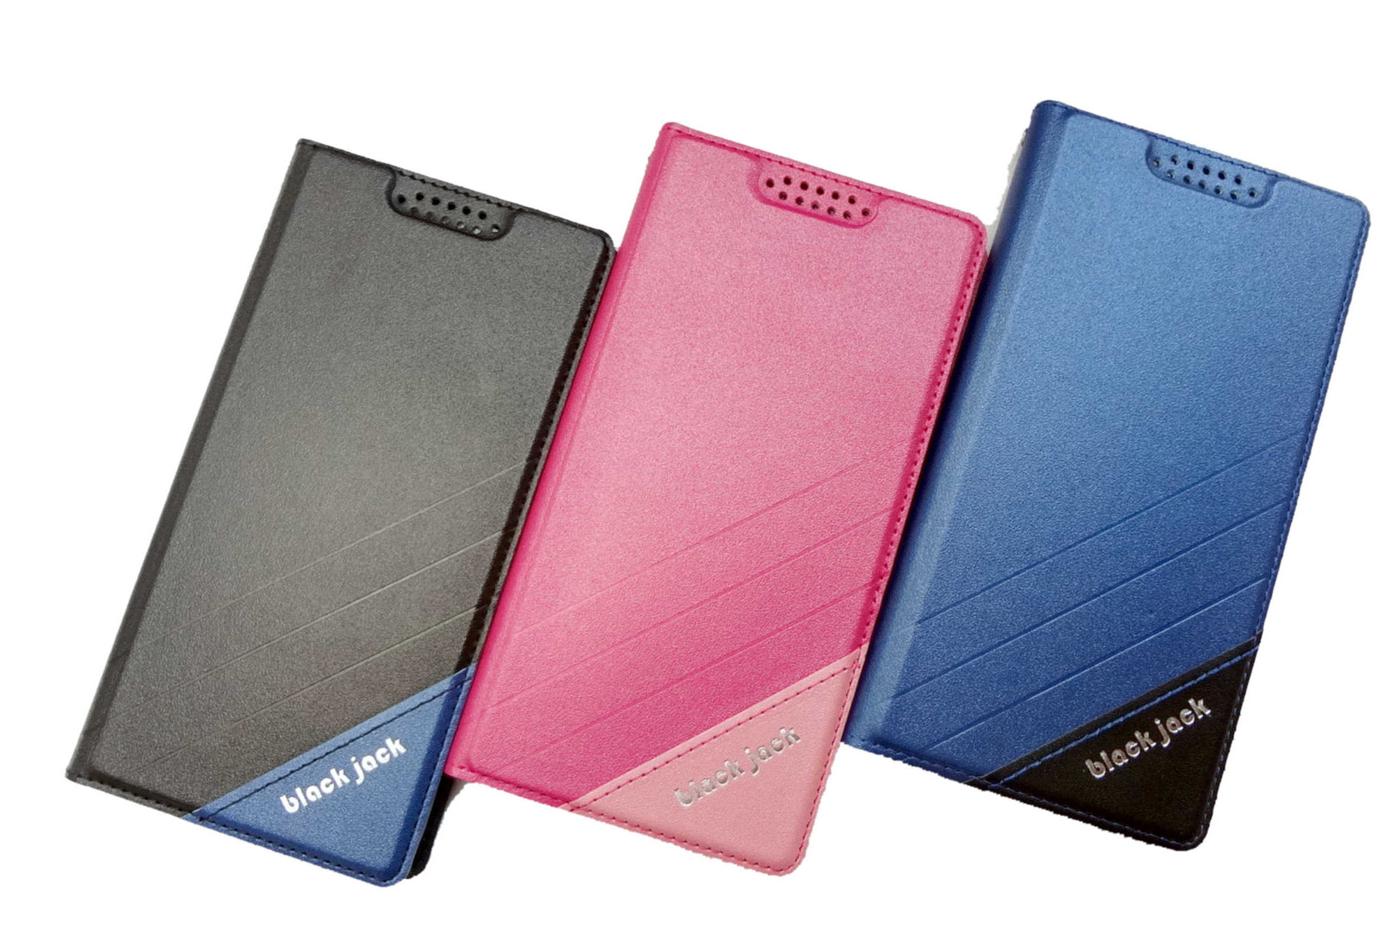 三亞科技2館Xiaomi紅米手機2磨砂側掀站立皮套保護套手機套矽膠套手機殼保護皮套紅米2